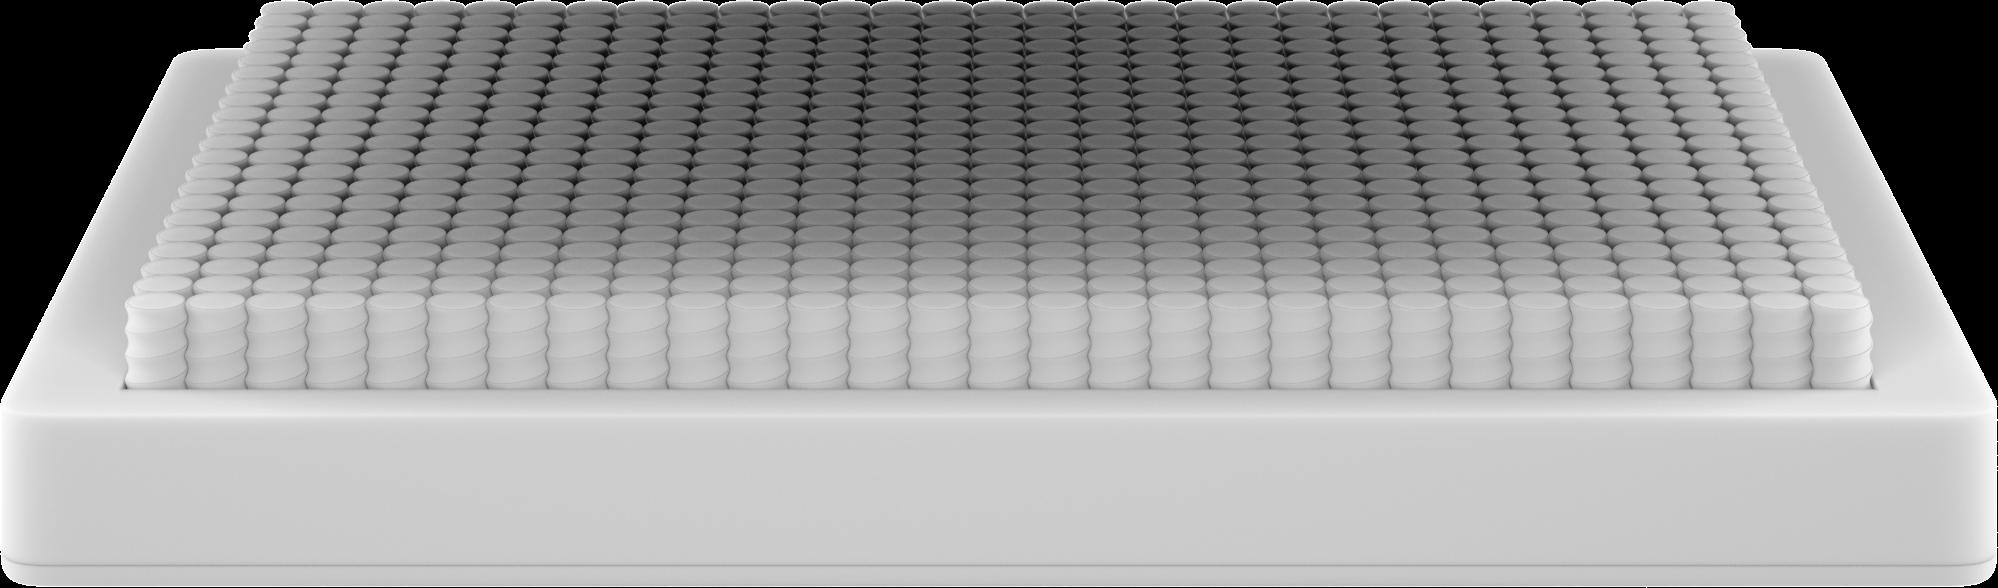 Wave Hybrid mattress bottom layer render